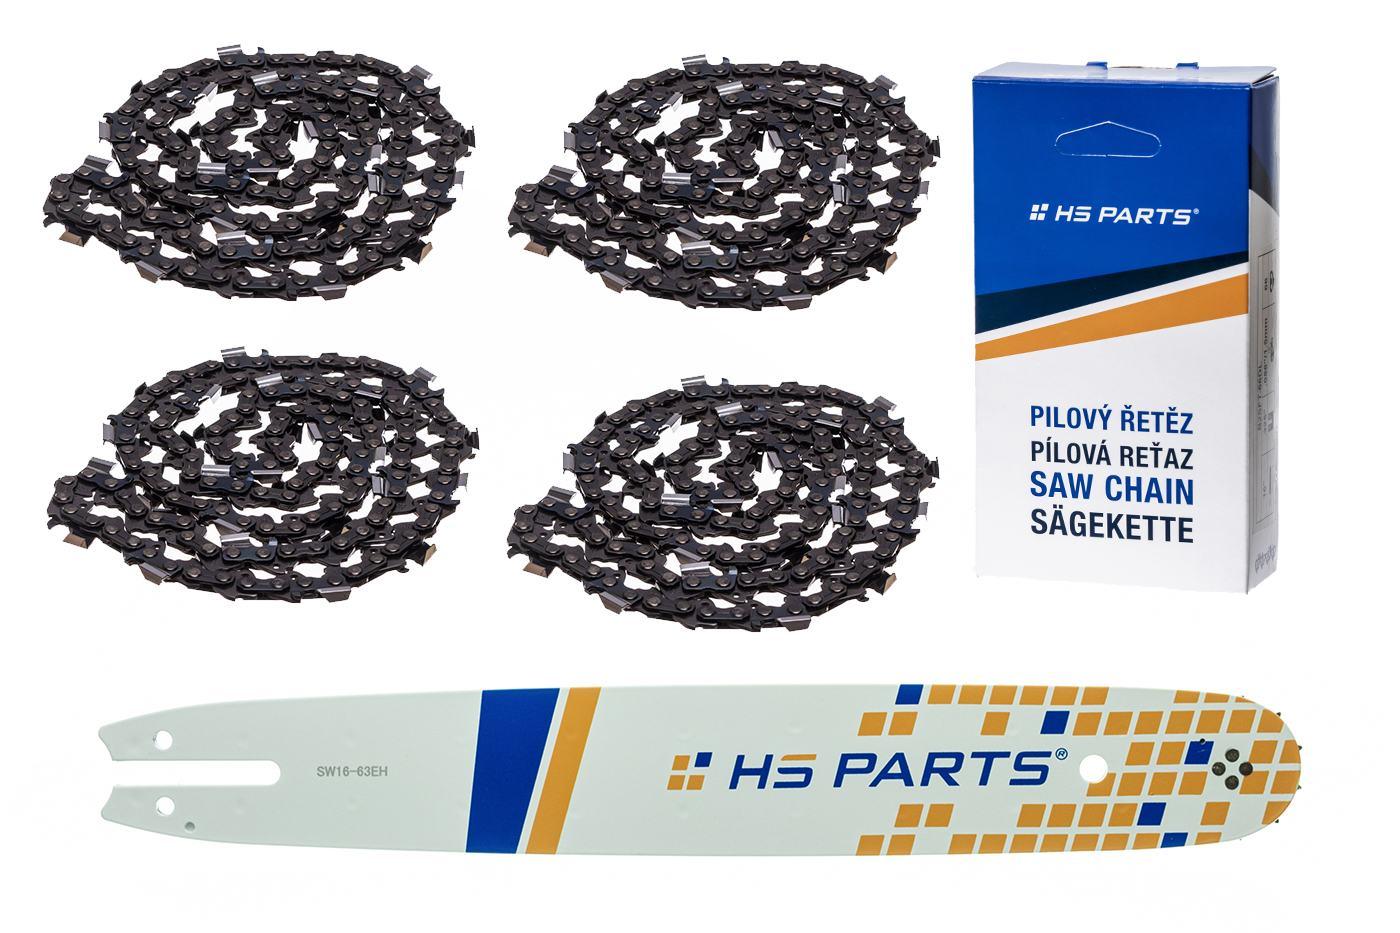 """HS PARTS Akčná súprava - vodiaca lišta 16"""" (40 cm) .325"""" .063"""" (1,6 mm) + 4 x pílový reťaz 62 čl."""